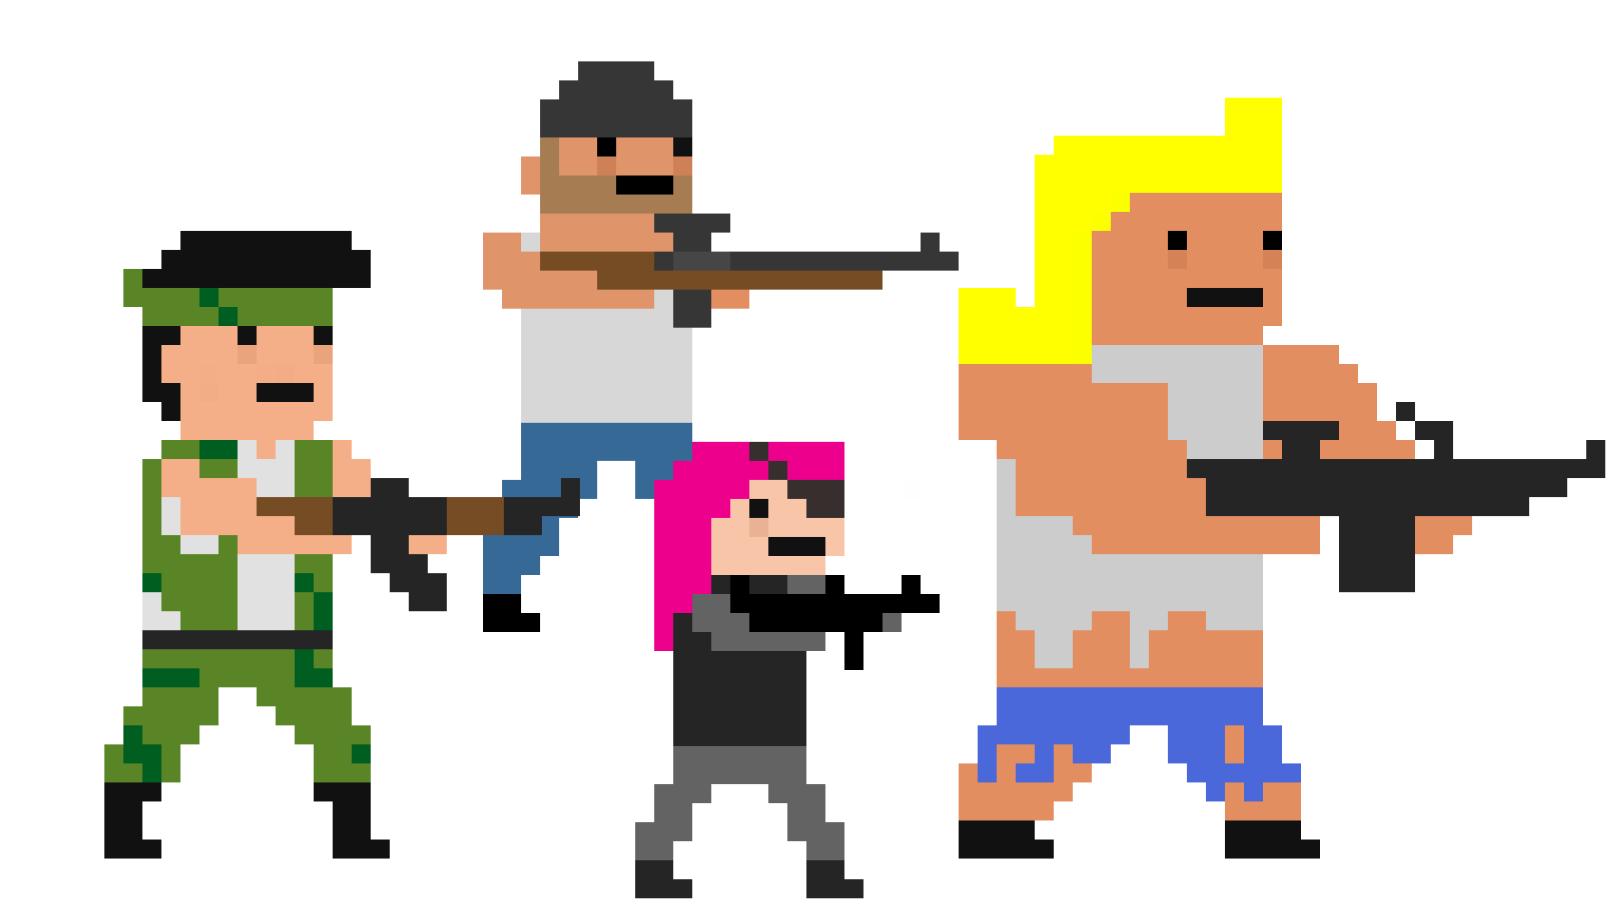 pixel art 2d sprite